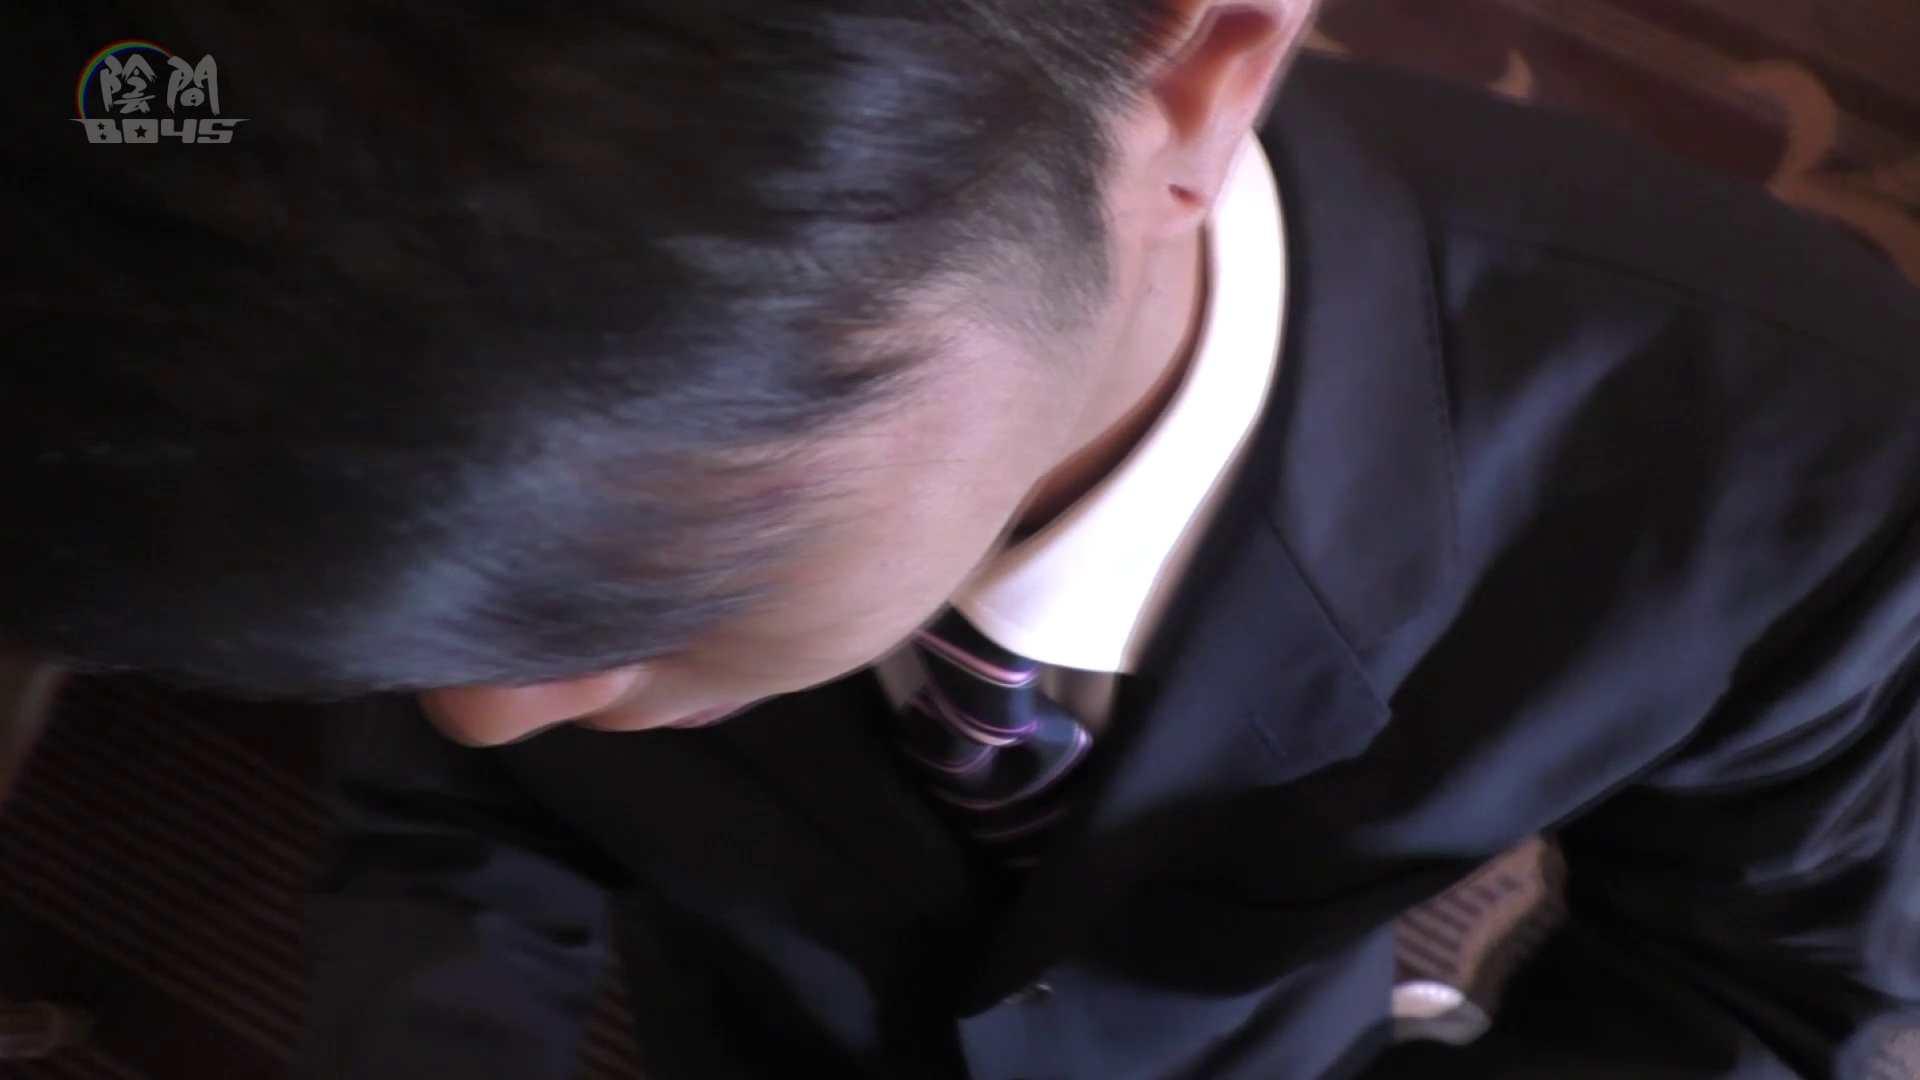 キャバクラの仕事はアナルから6  ~アナルの囁き~Vol.03 ザーメン アダルトビデオ画像キャプチャ 76枚 31